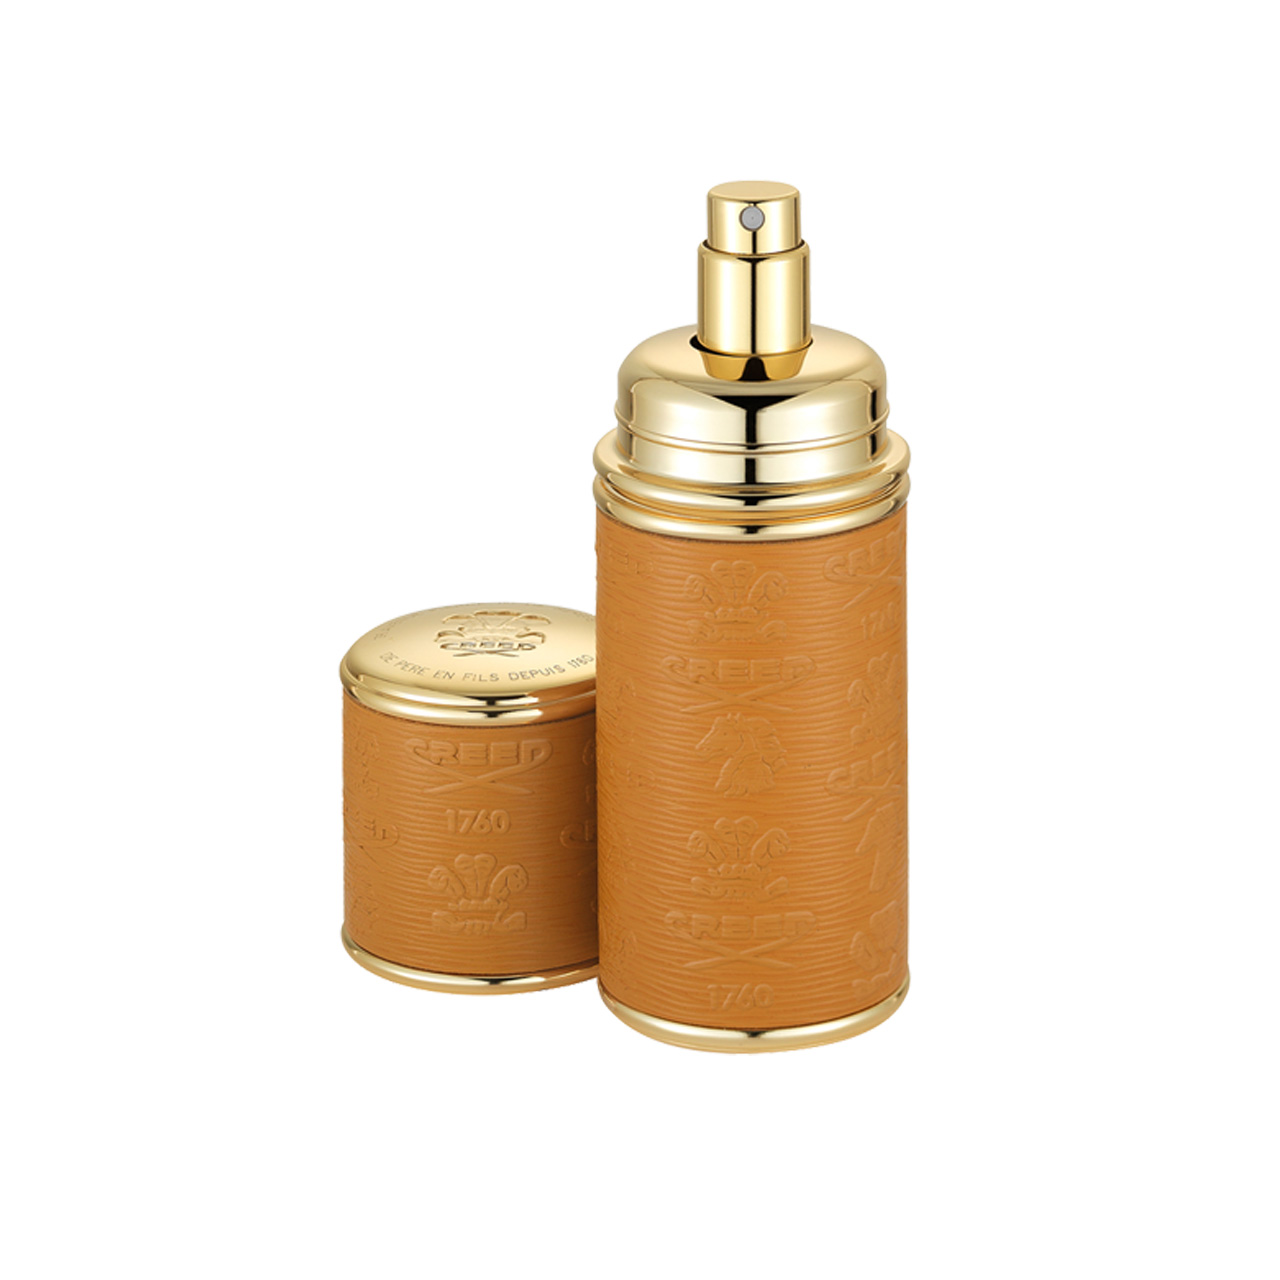 Pocket Spray